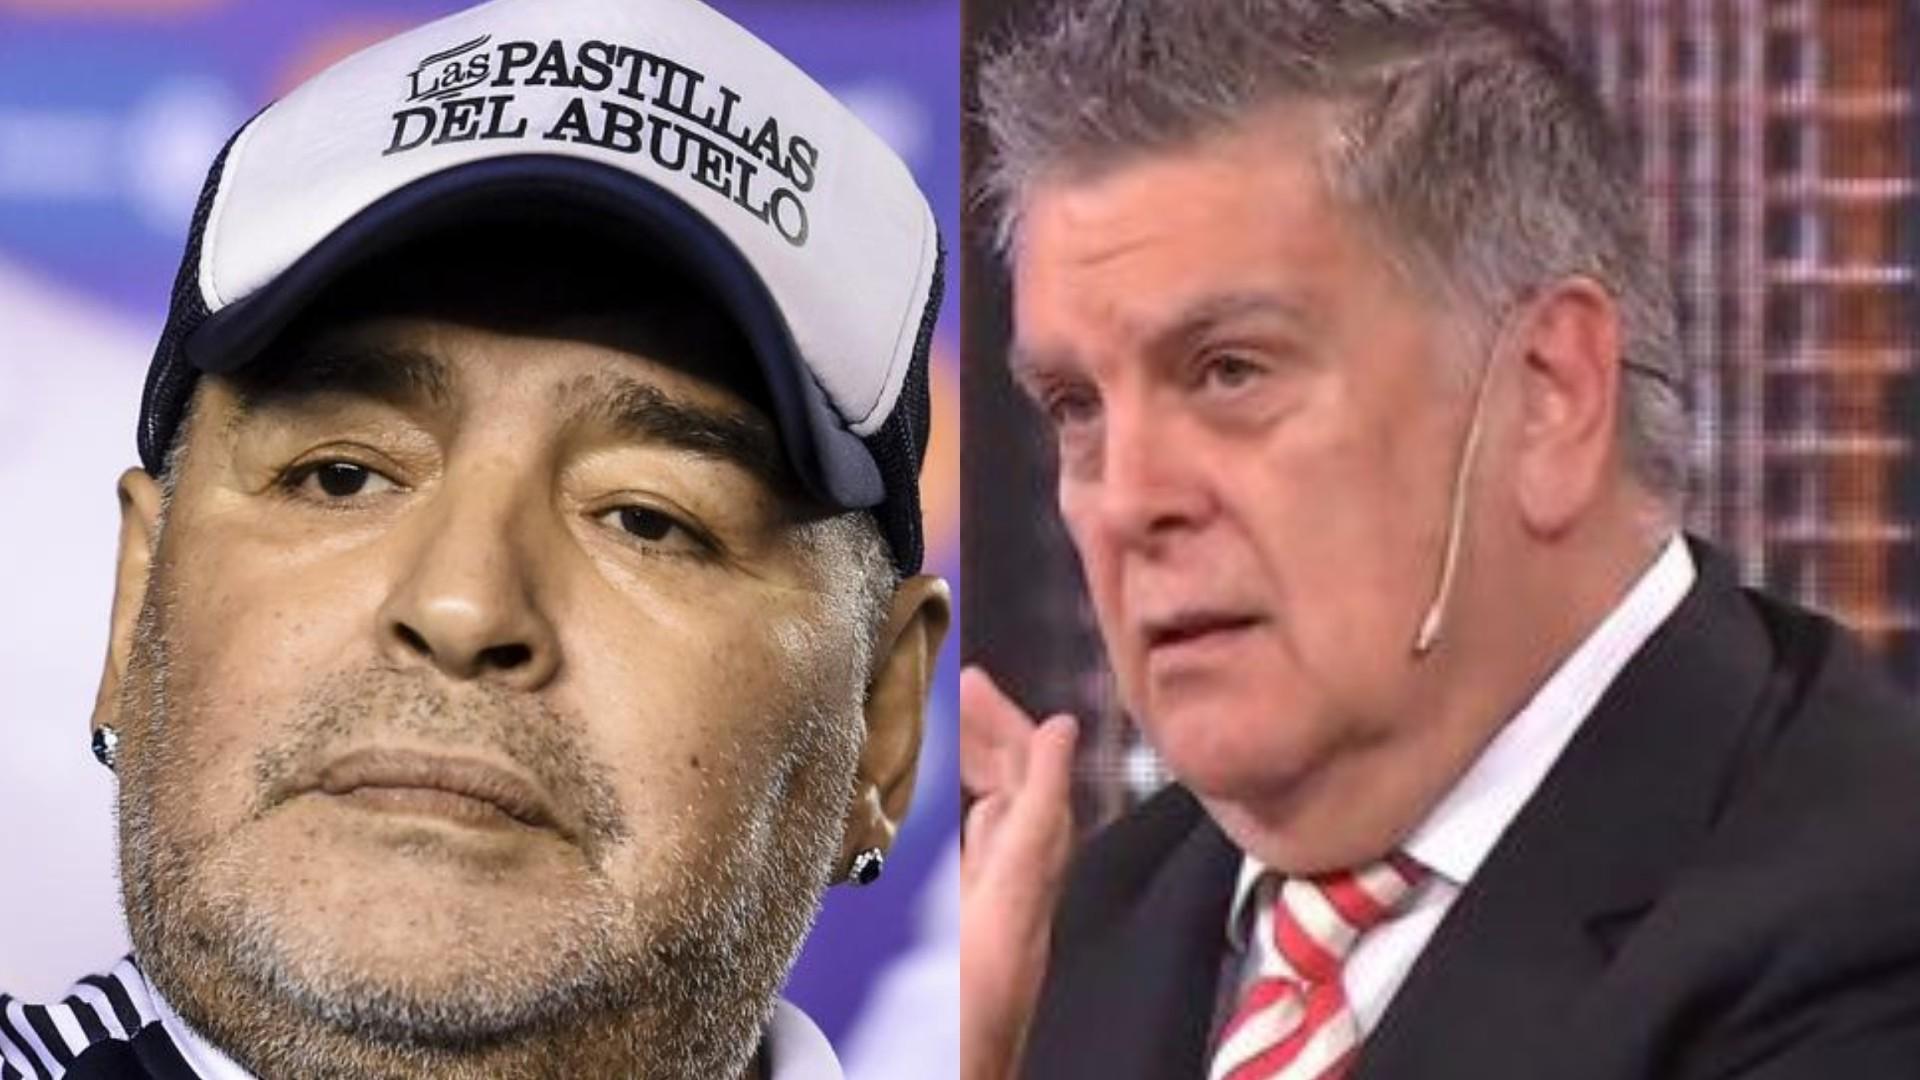 Gazetari argjentinas lëshon deklaratën e fortë: Jo të gjithë janë fëmijët e Maradonës